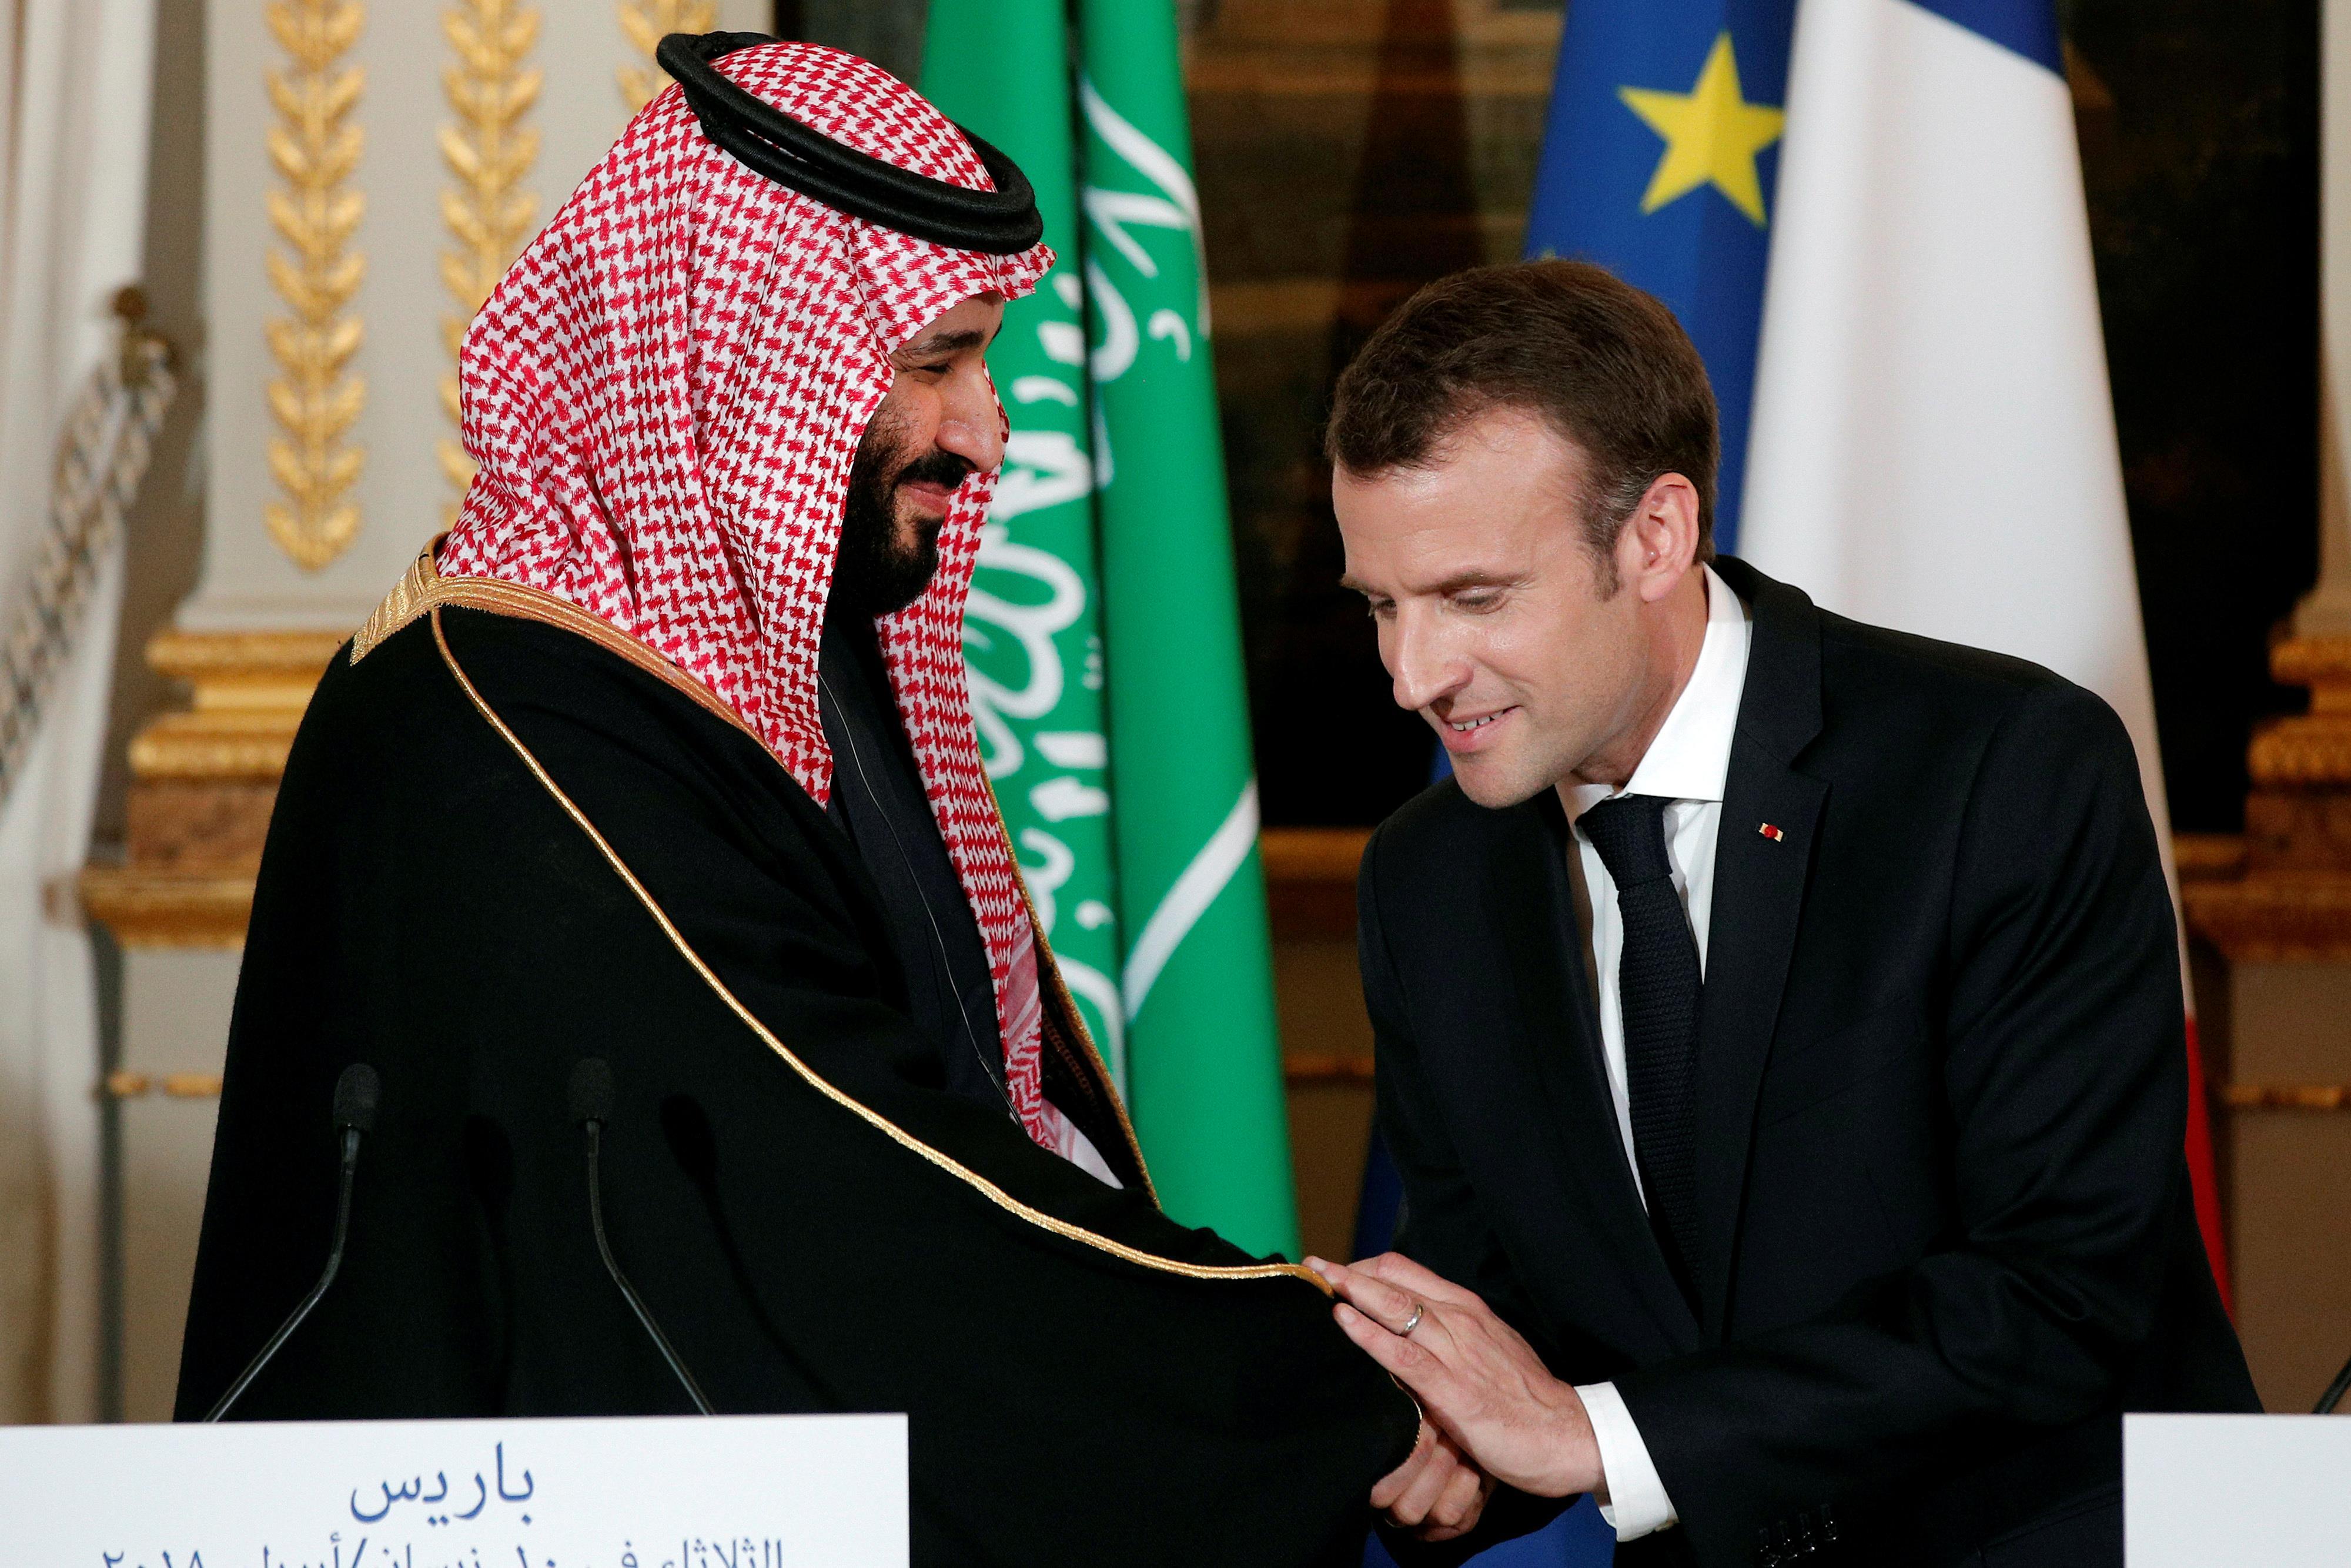 Le président français, Emmanuel Macron, serre la main au prince héritier de l'Arabie saoudite, Mohammed ben Salmane, lors d'une conférence de presse au palais de l'Élysée, à Paris, le 10 avril 2018.